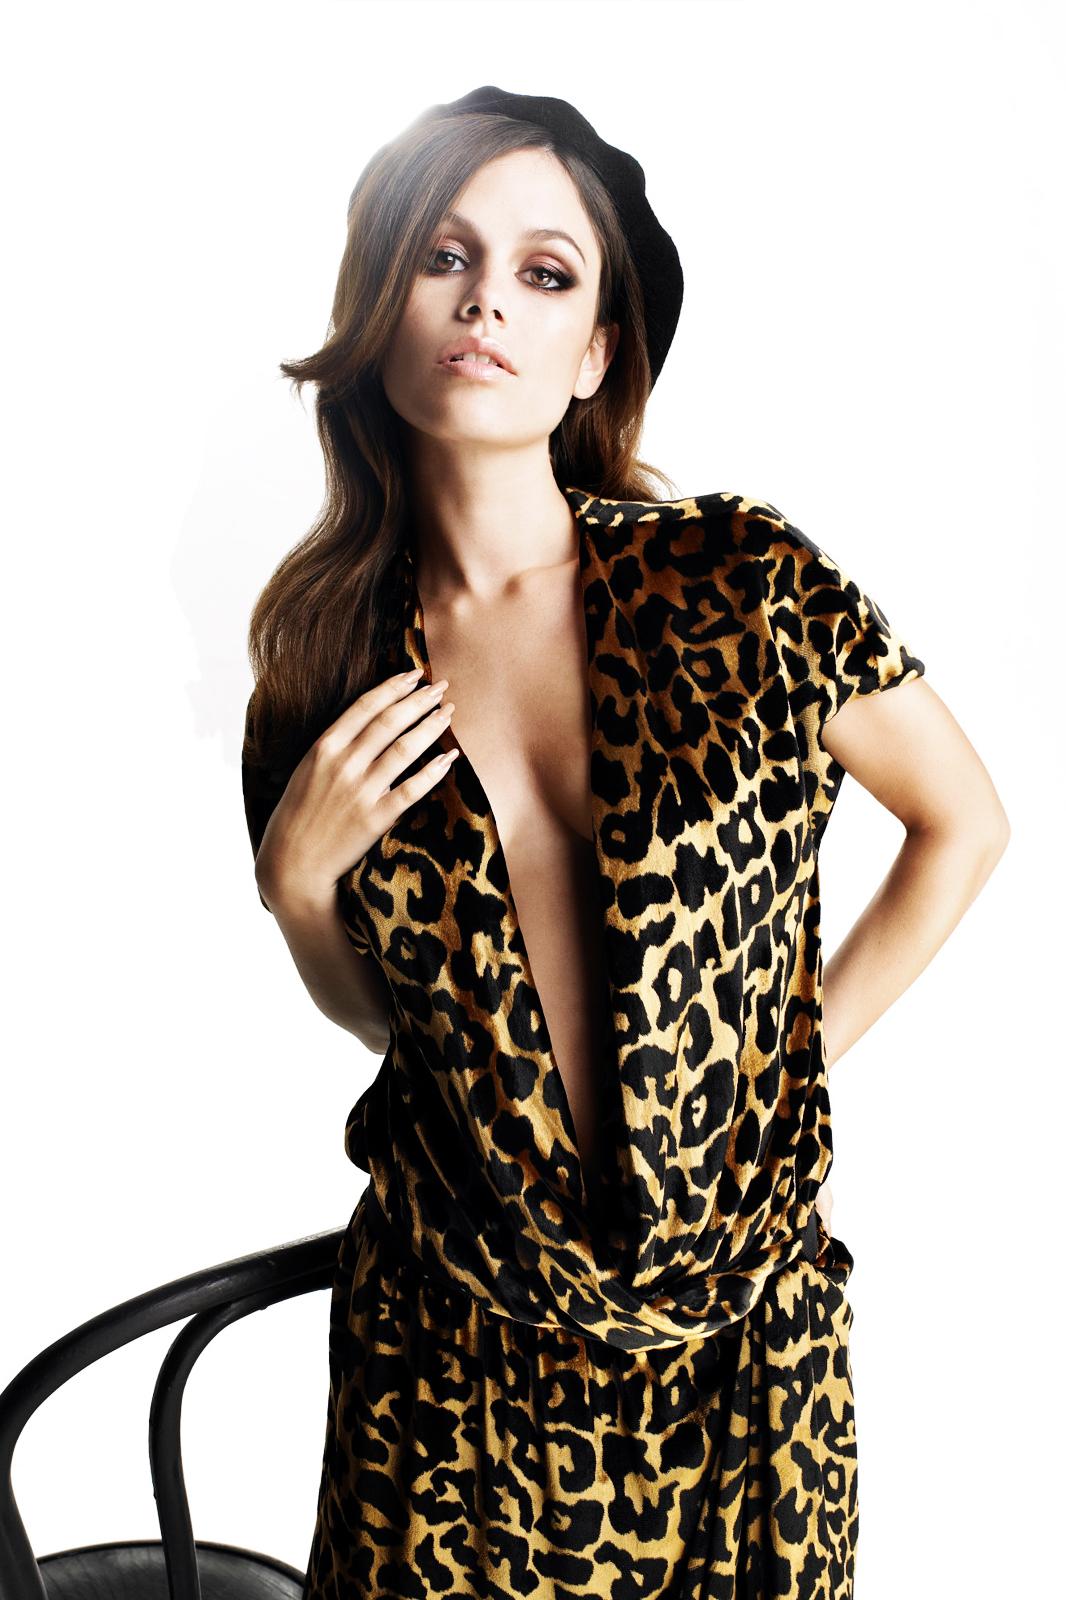 Toni collette nude photos